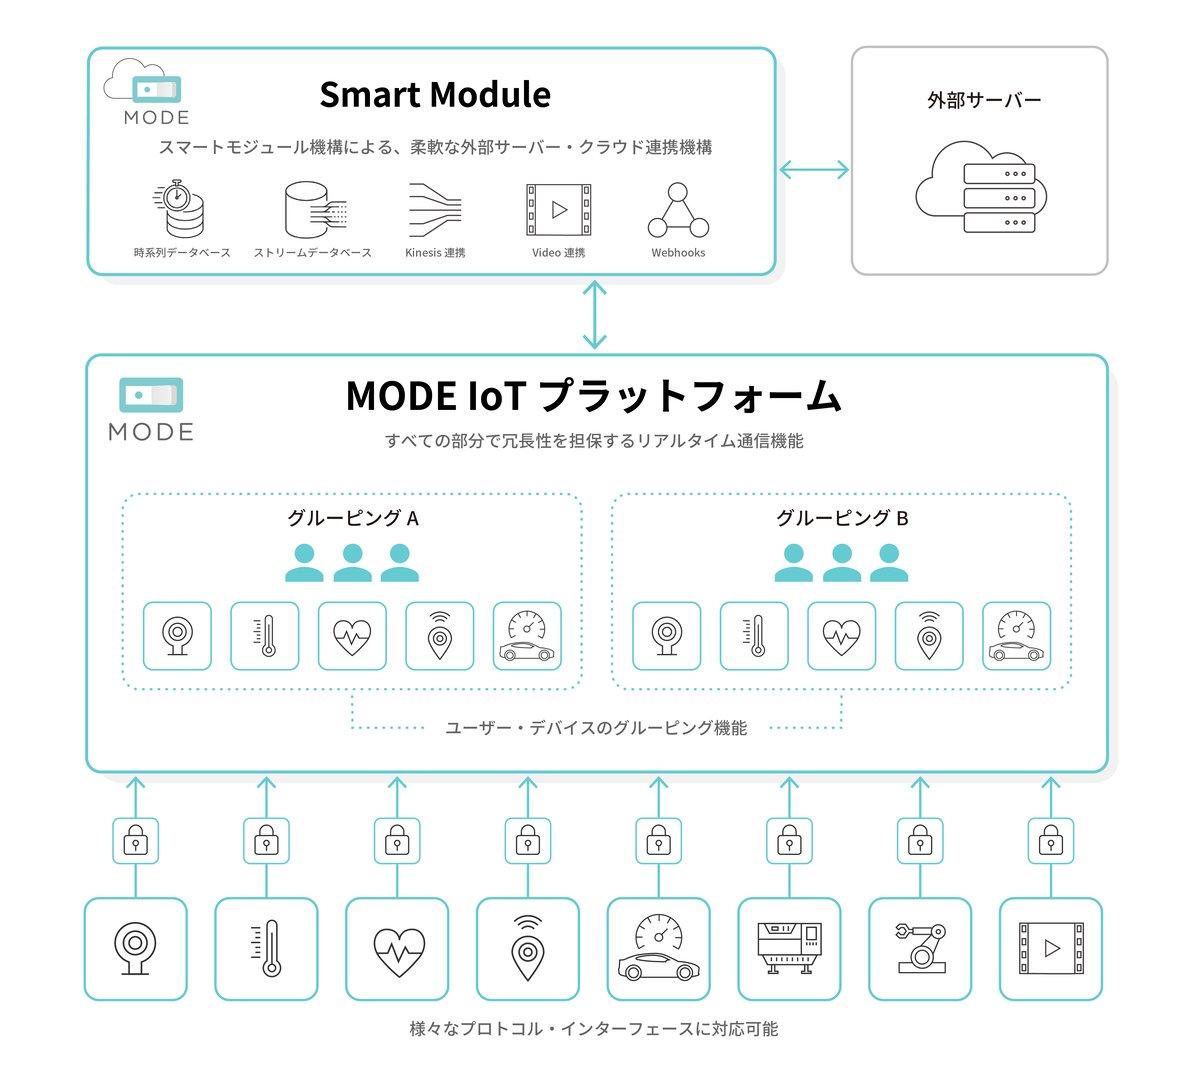 MODE_ProductPage_CorePlatform_v2-2